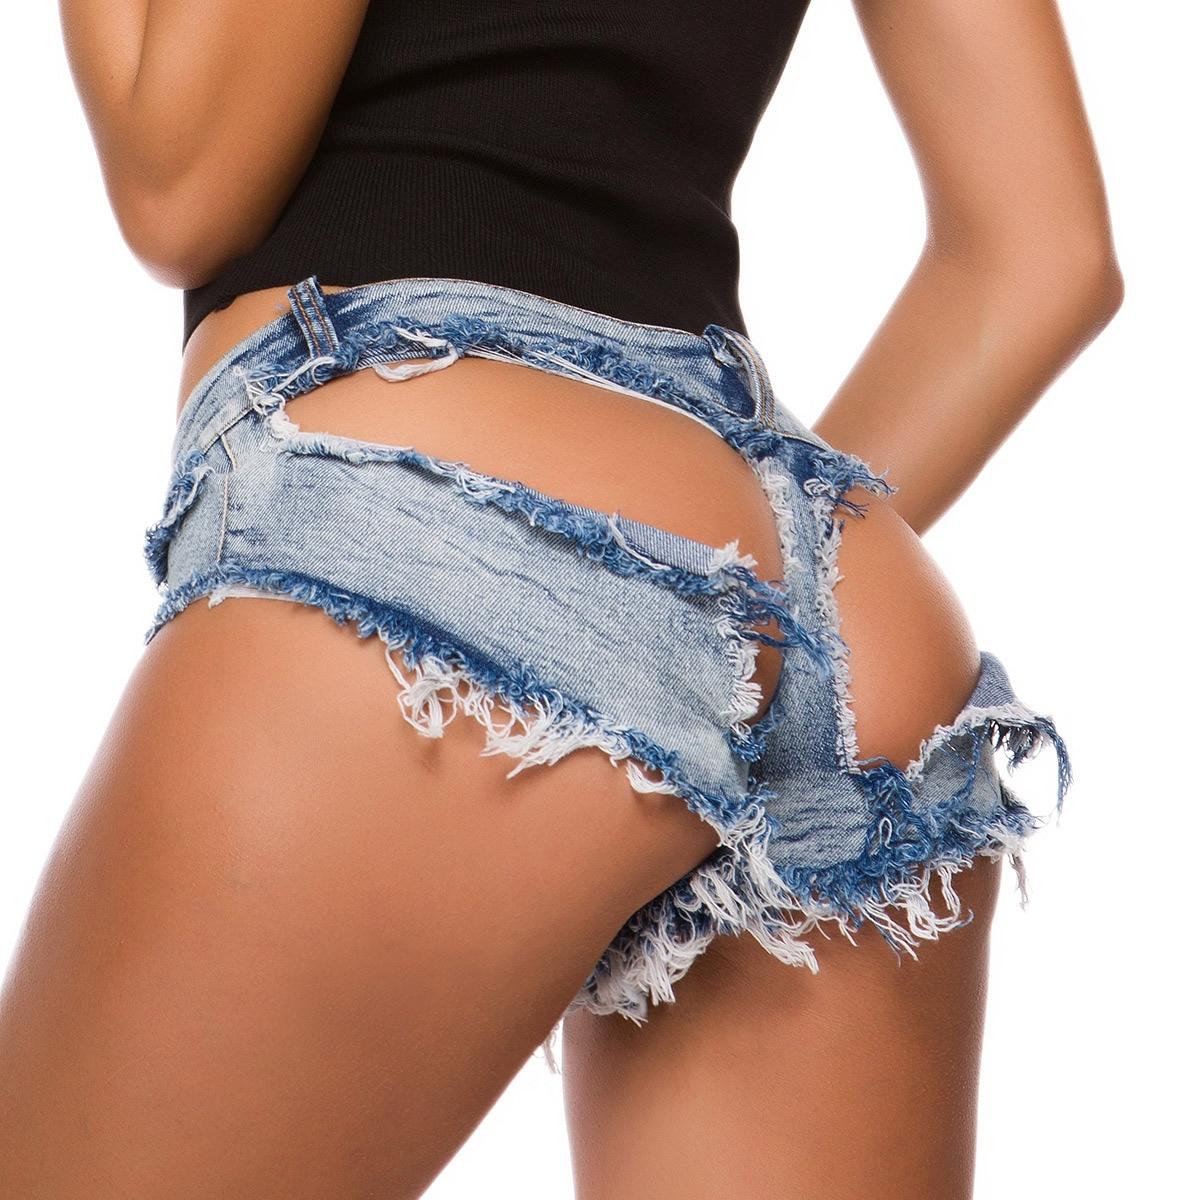 Рваные женские пикантные джинсовые шорты, летние джинсовые короткие пляжные мешковатые шорты с низкой талией, Клубные бикини DK087S30